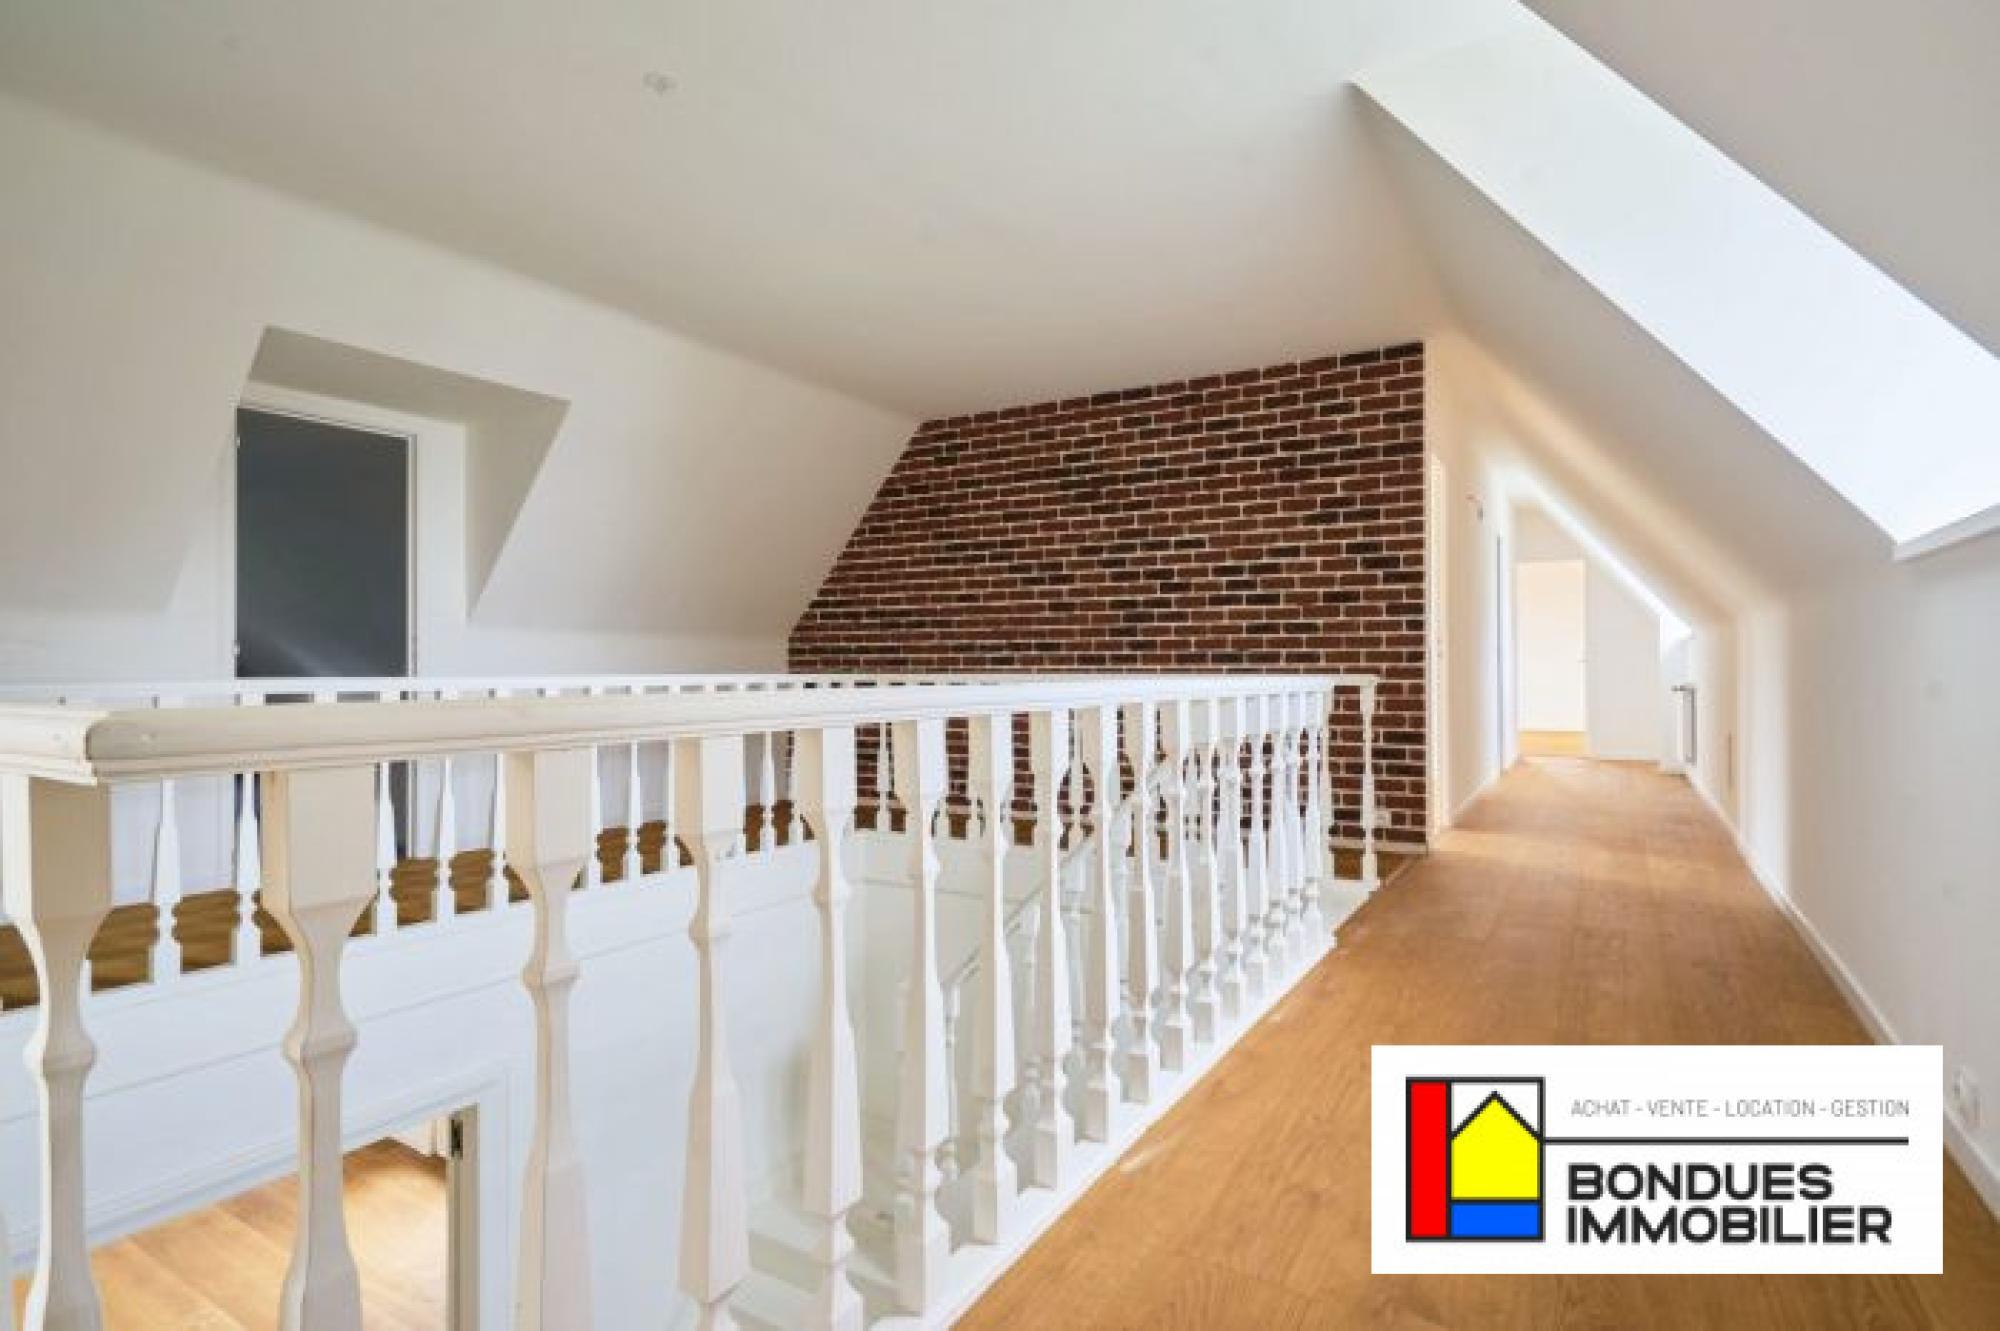 vente maison bondues refVM420 (10)